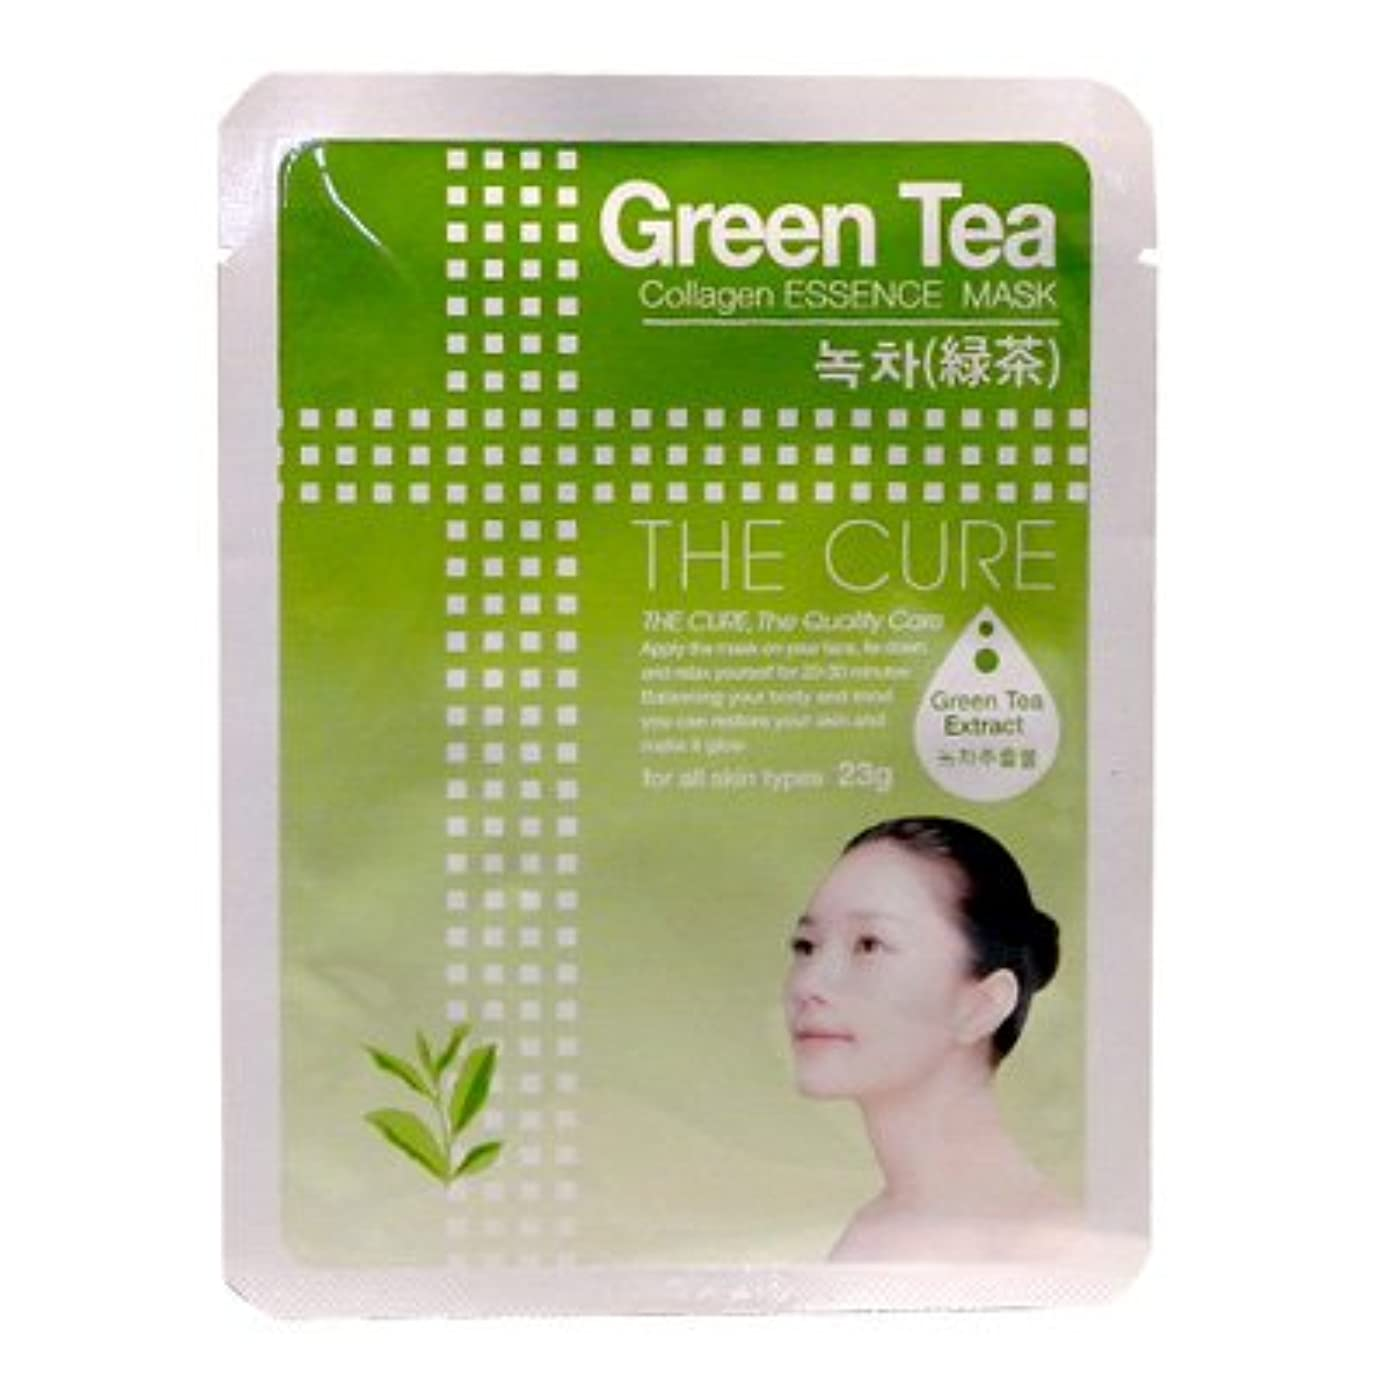 ホイッスルバン精神医学CURE マスク シートパック 緑茶